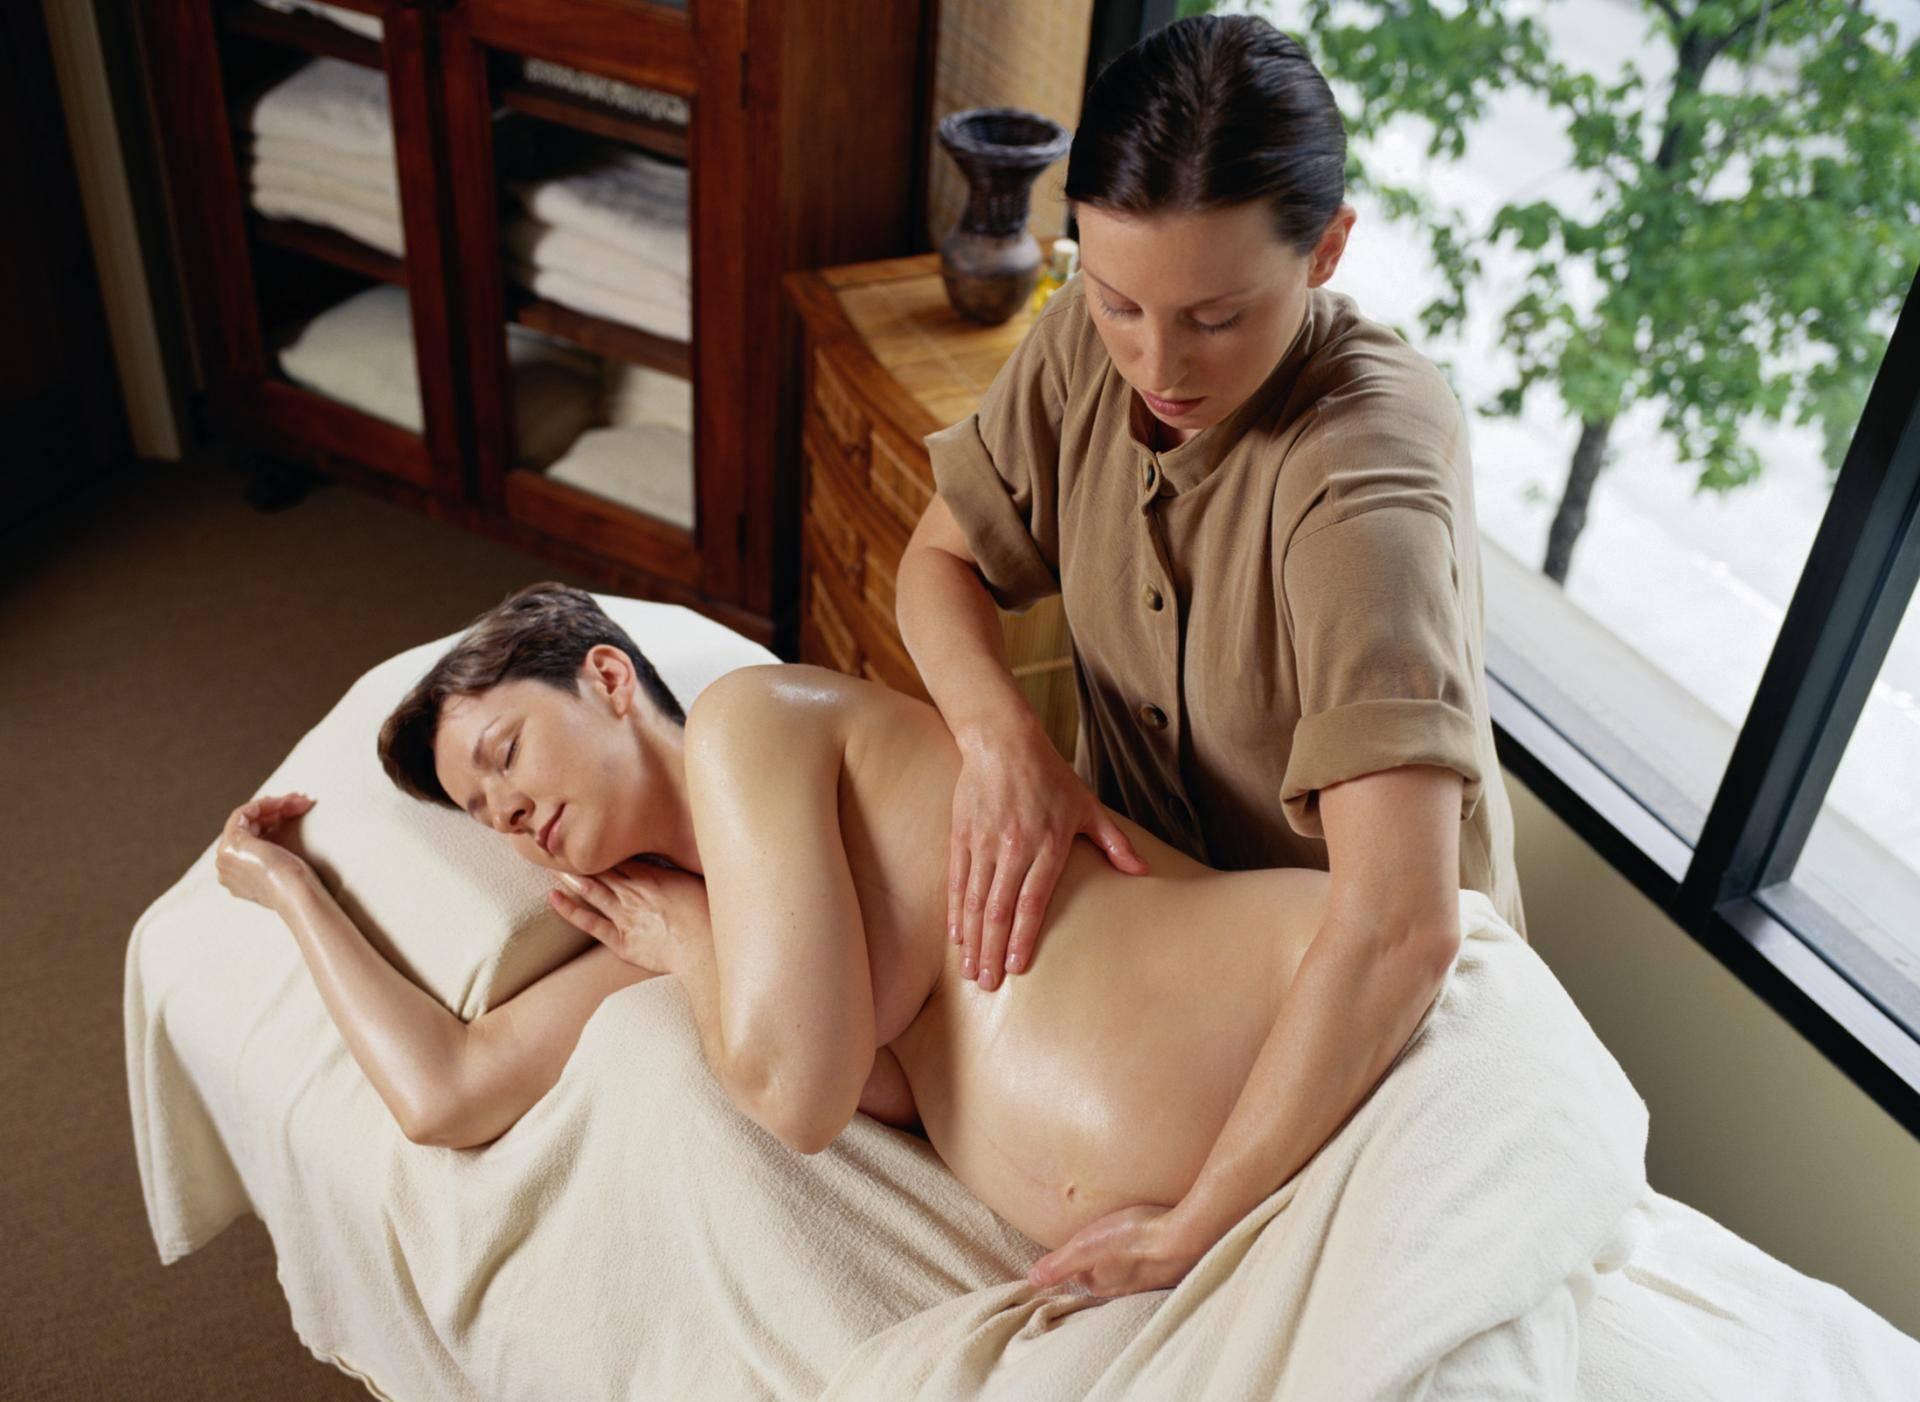 Беременность – «пошаговая инструкция» - что, куда, когда? постановка на учёт по беременности 19.06.201209:10